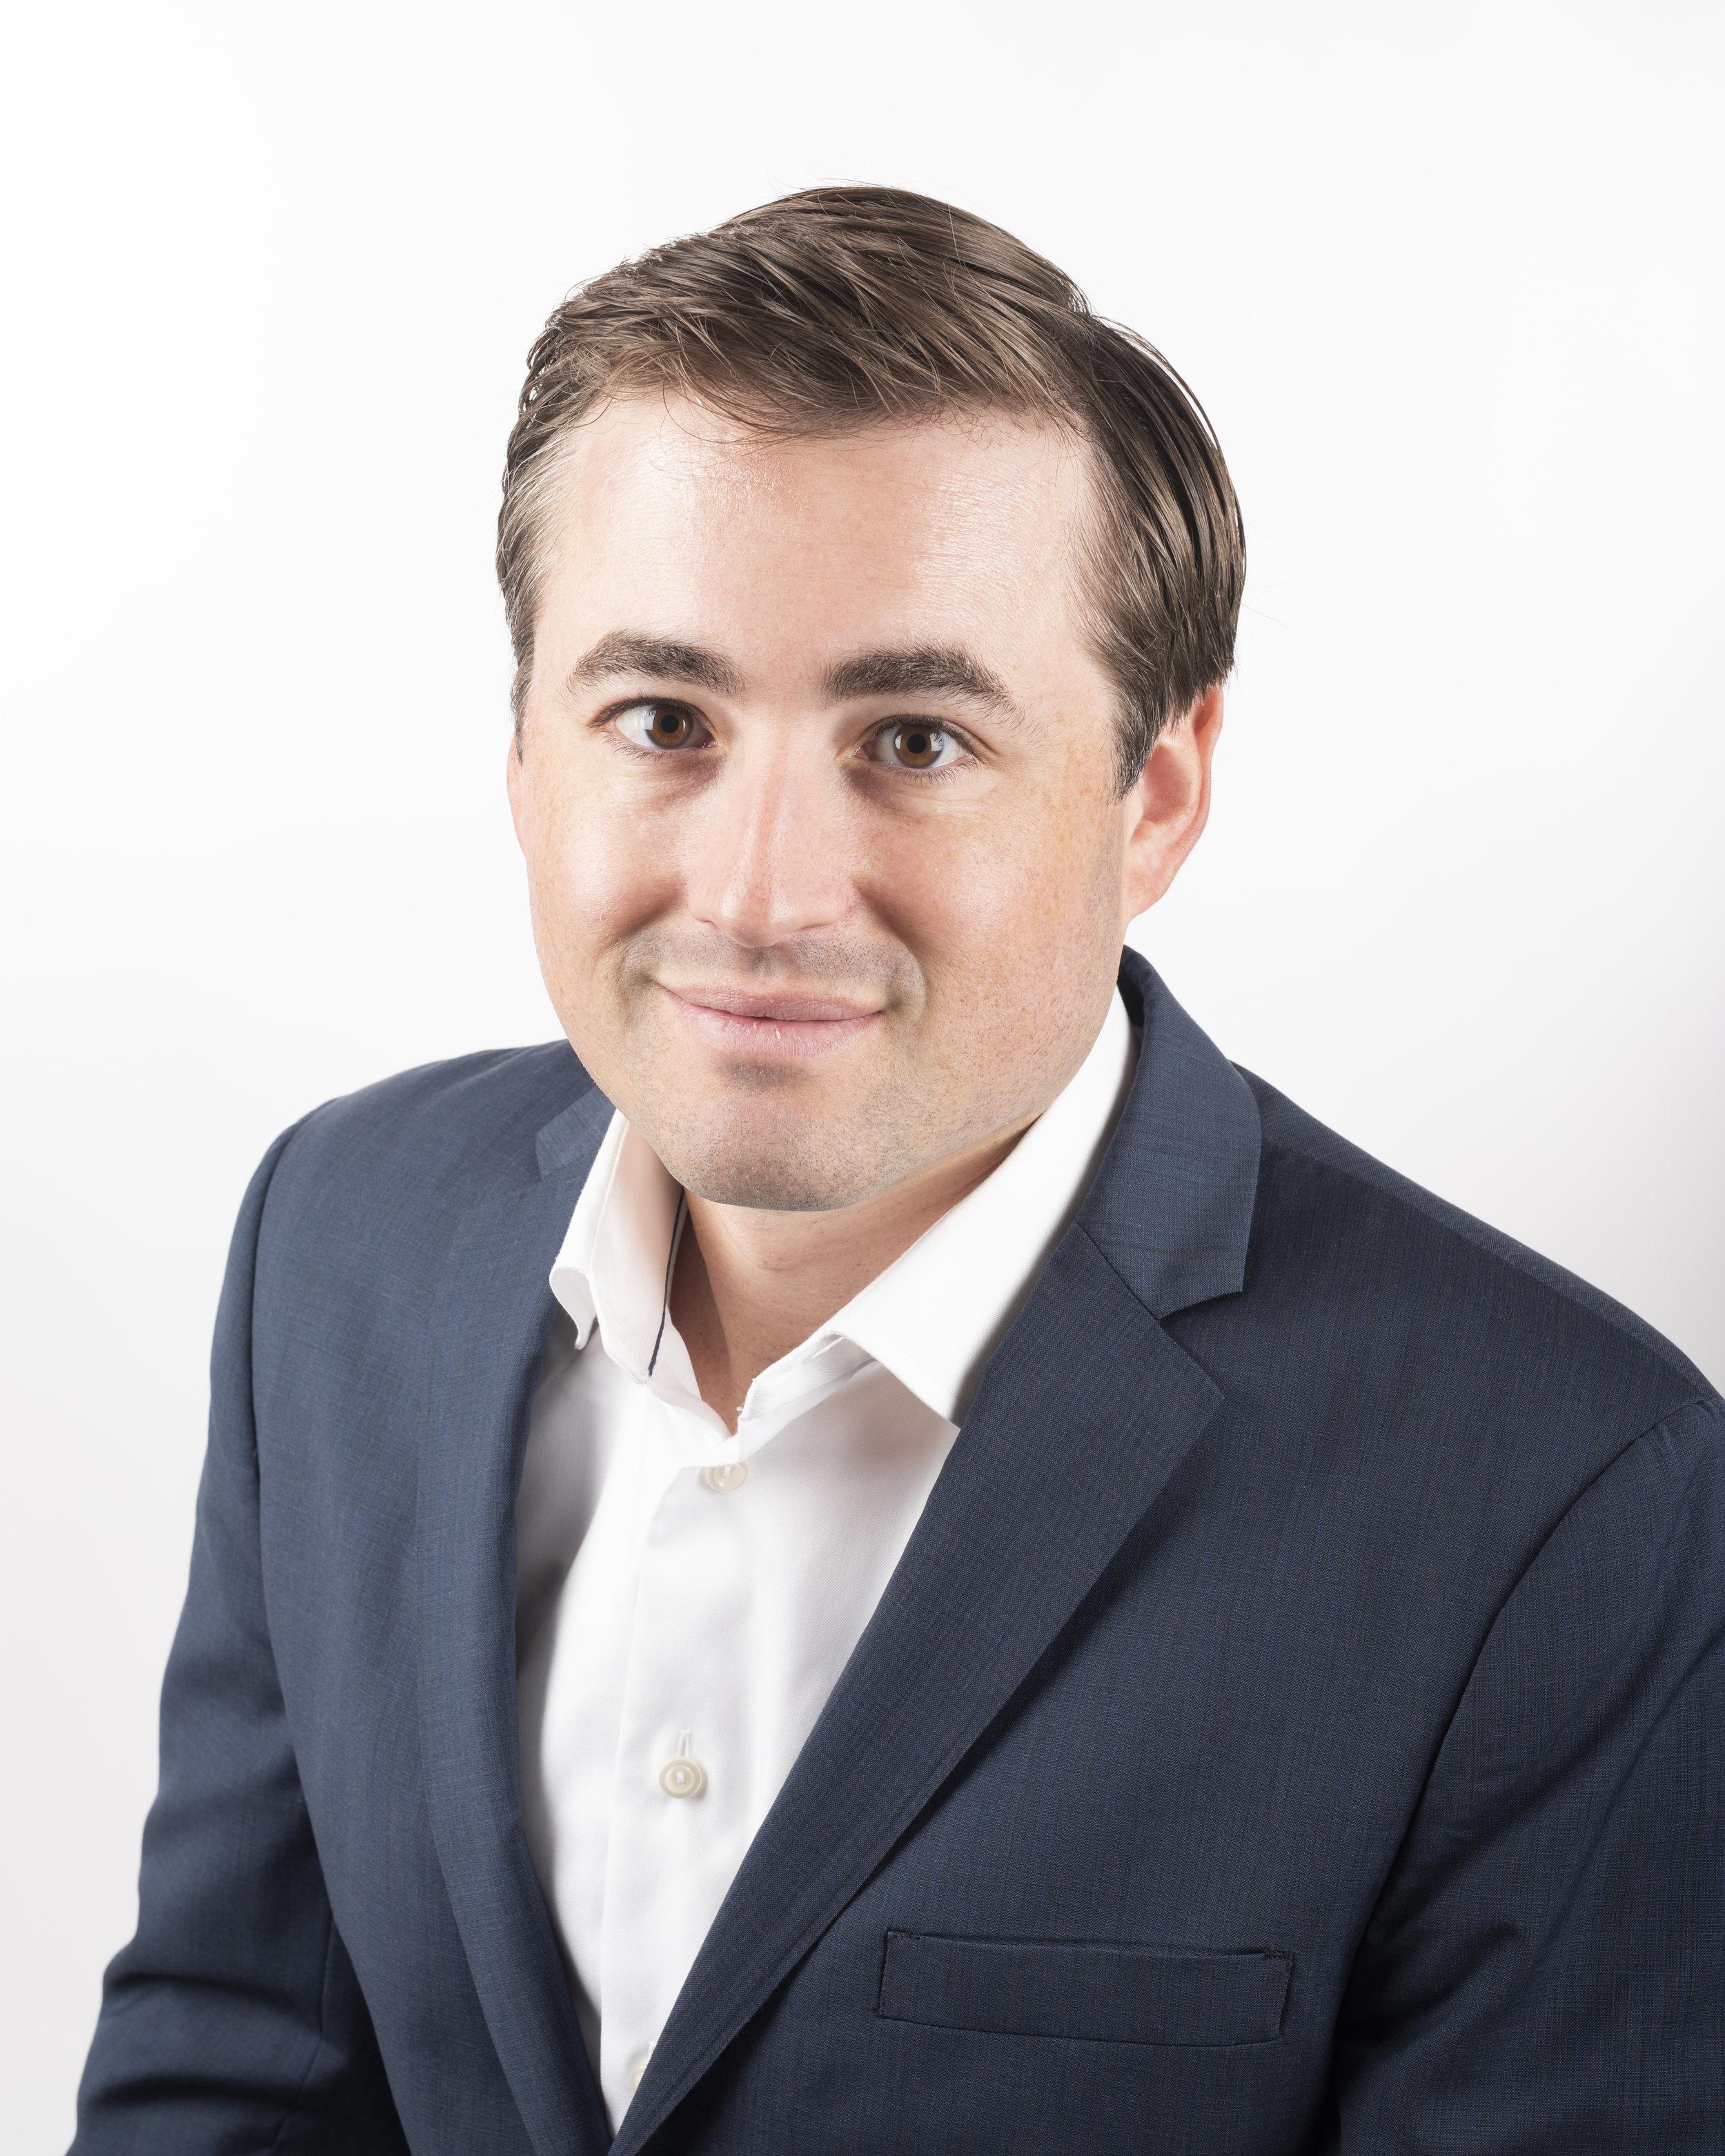 Scott Meyer - CHIEF INVESTMENT OFFICER